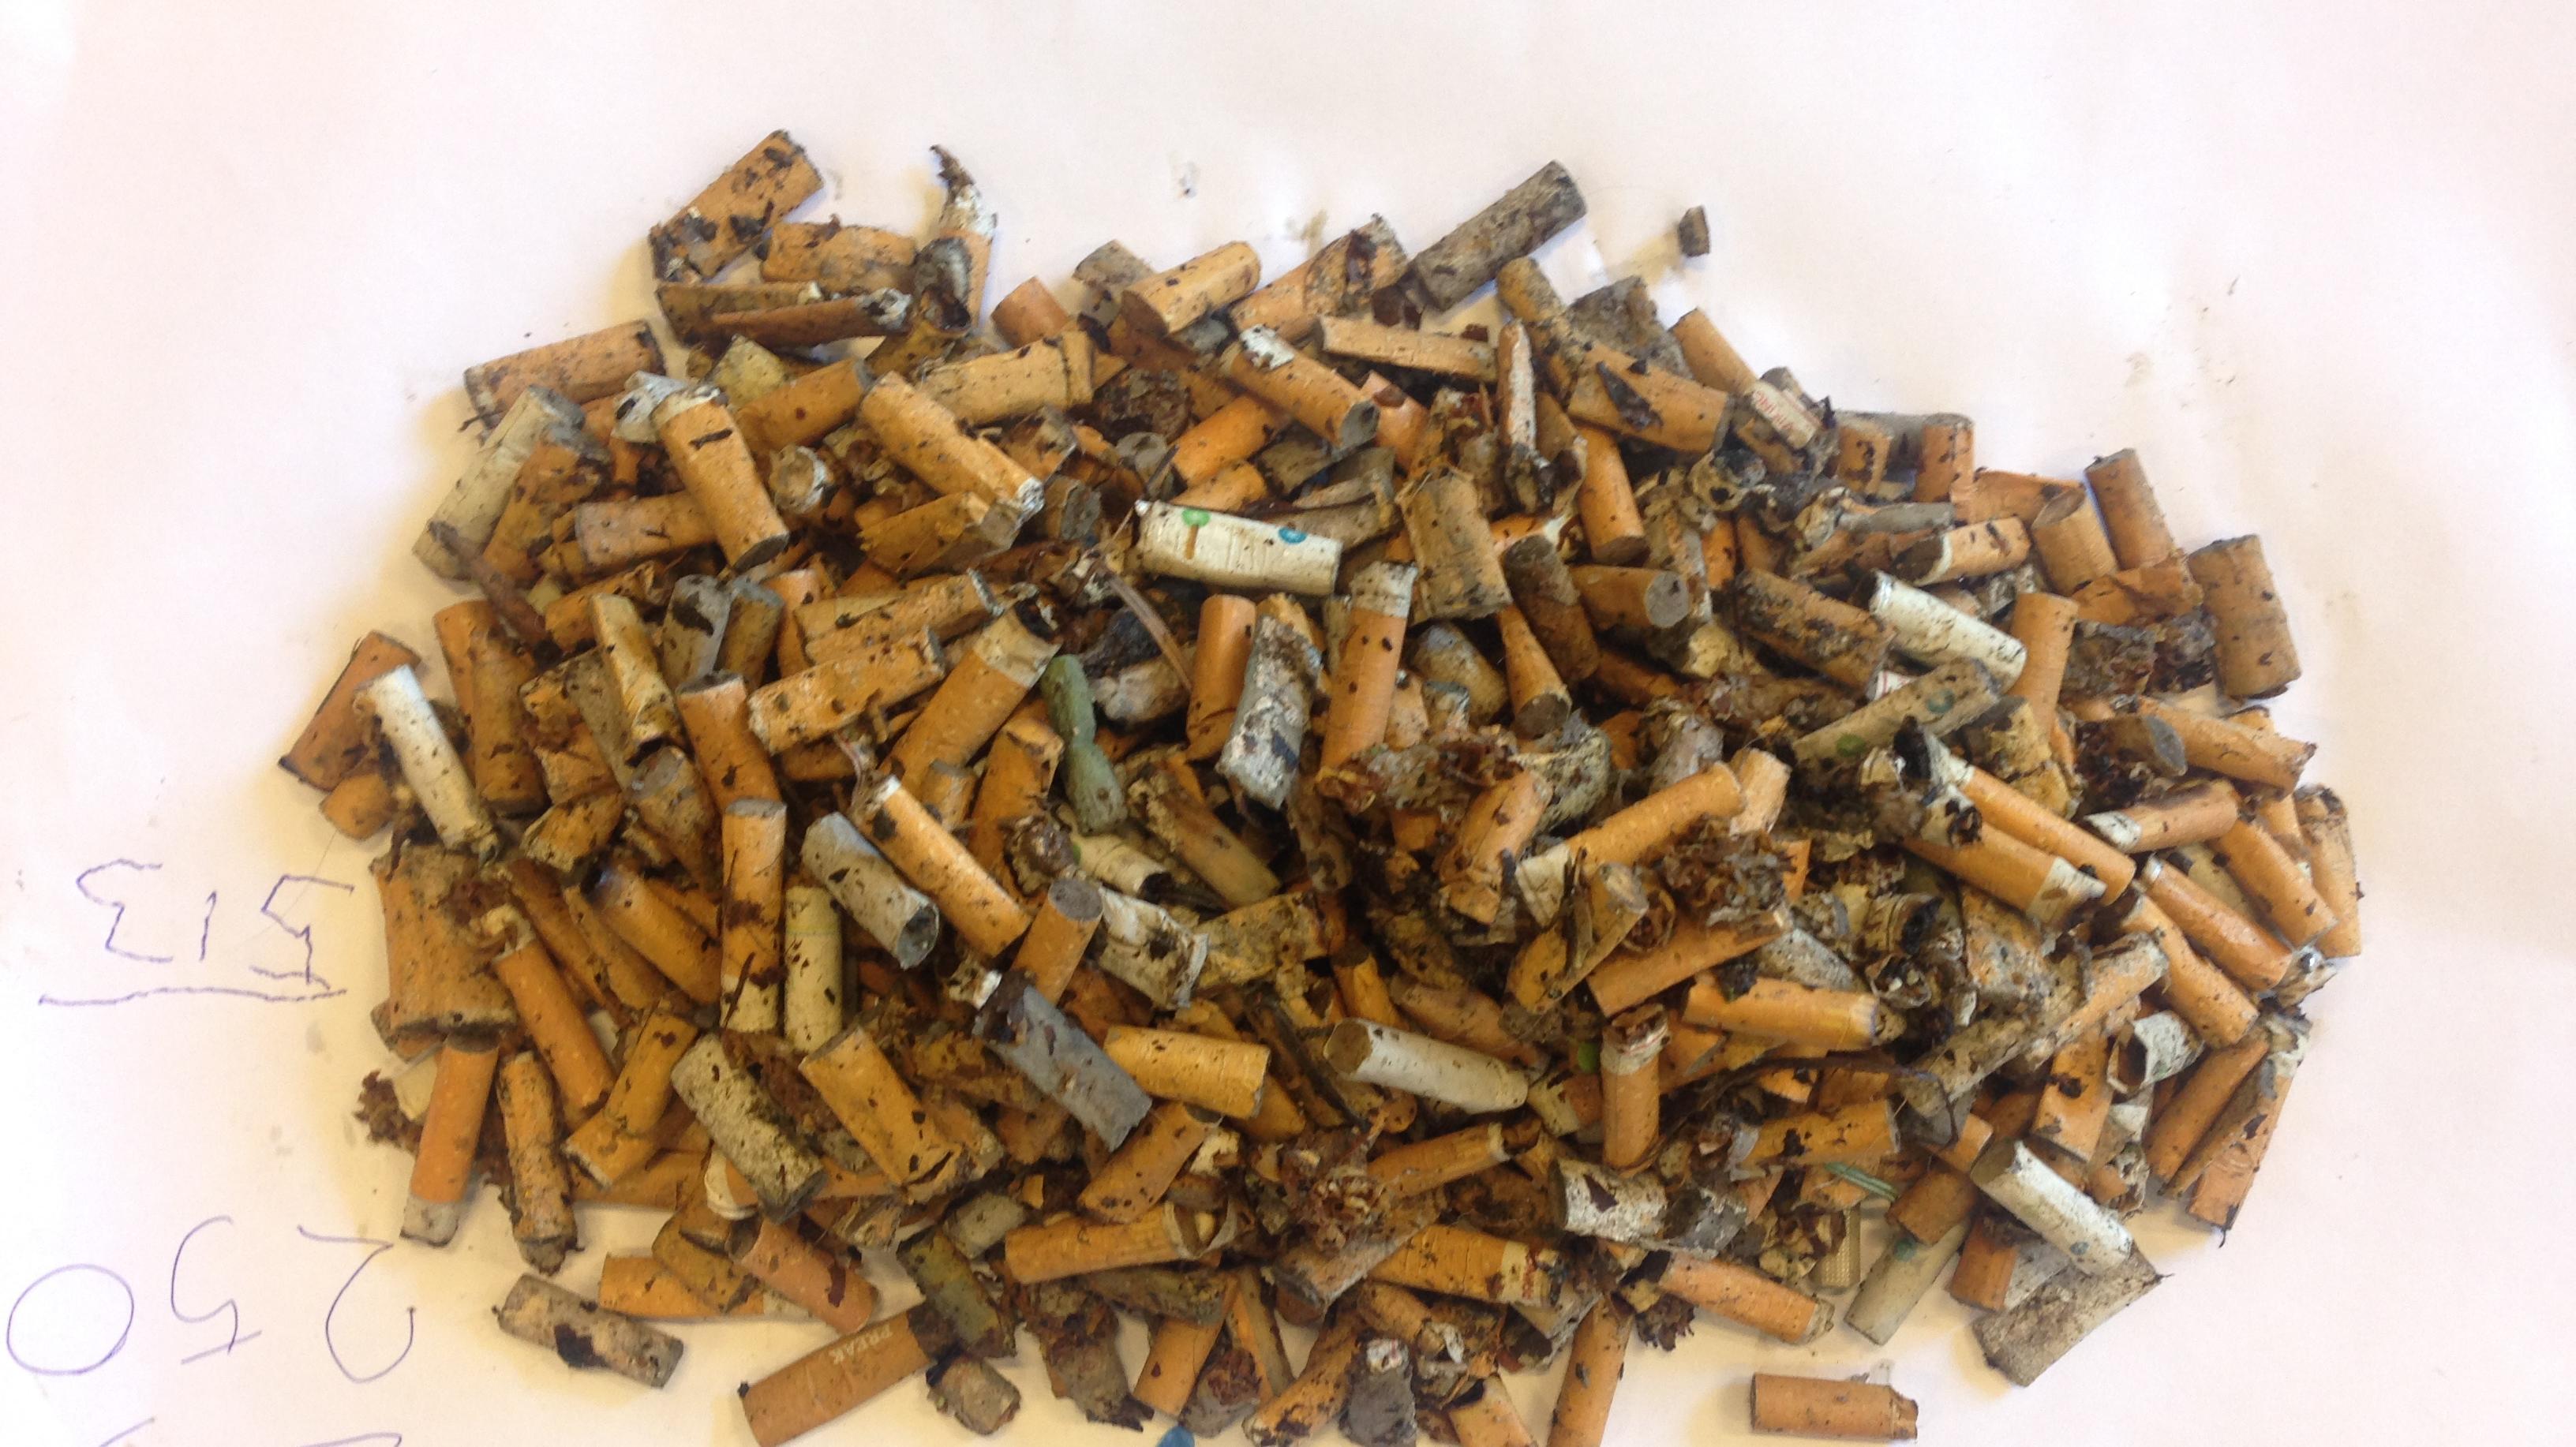 På et kvarter nåede to udsendte journalister at samle 513 cigaretskodder op på gågaden i Vejen.